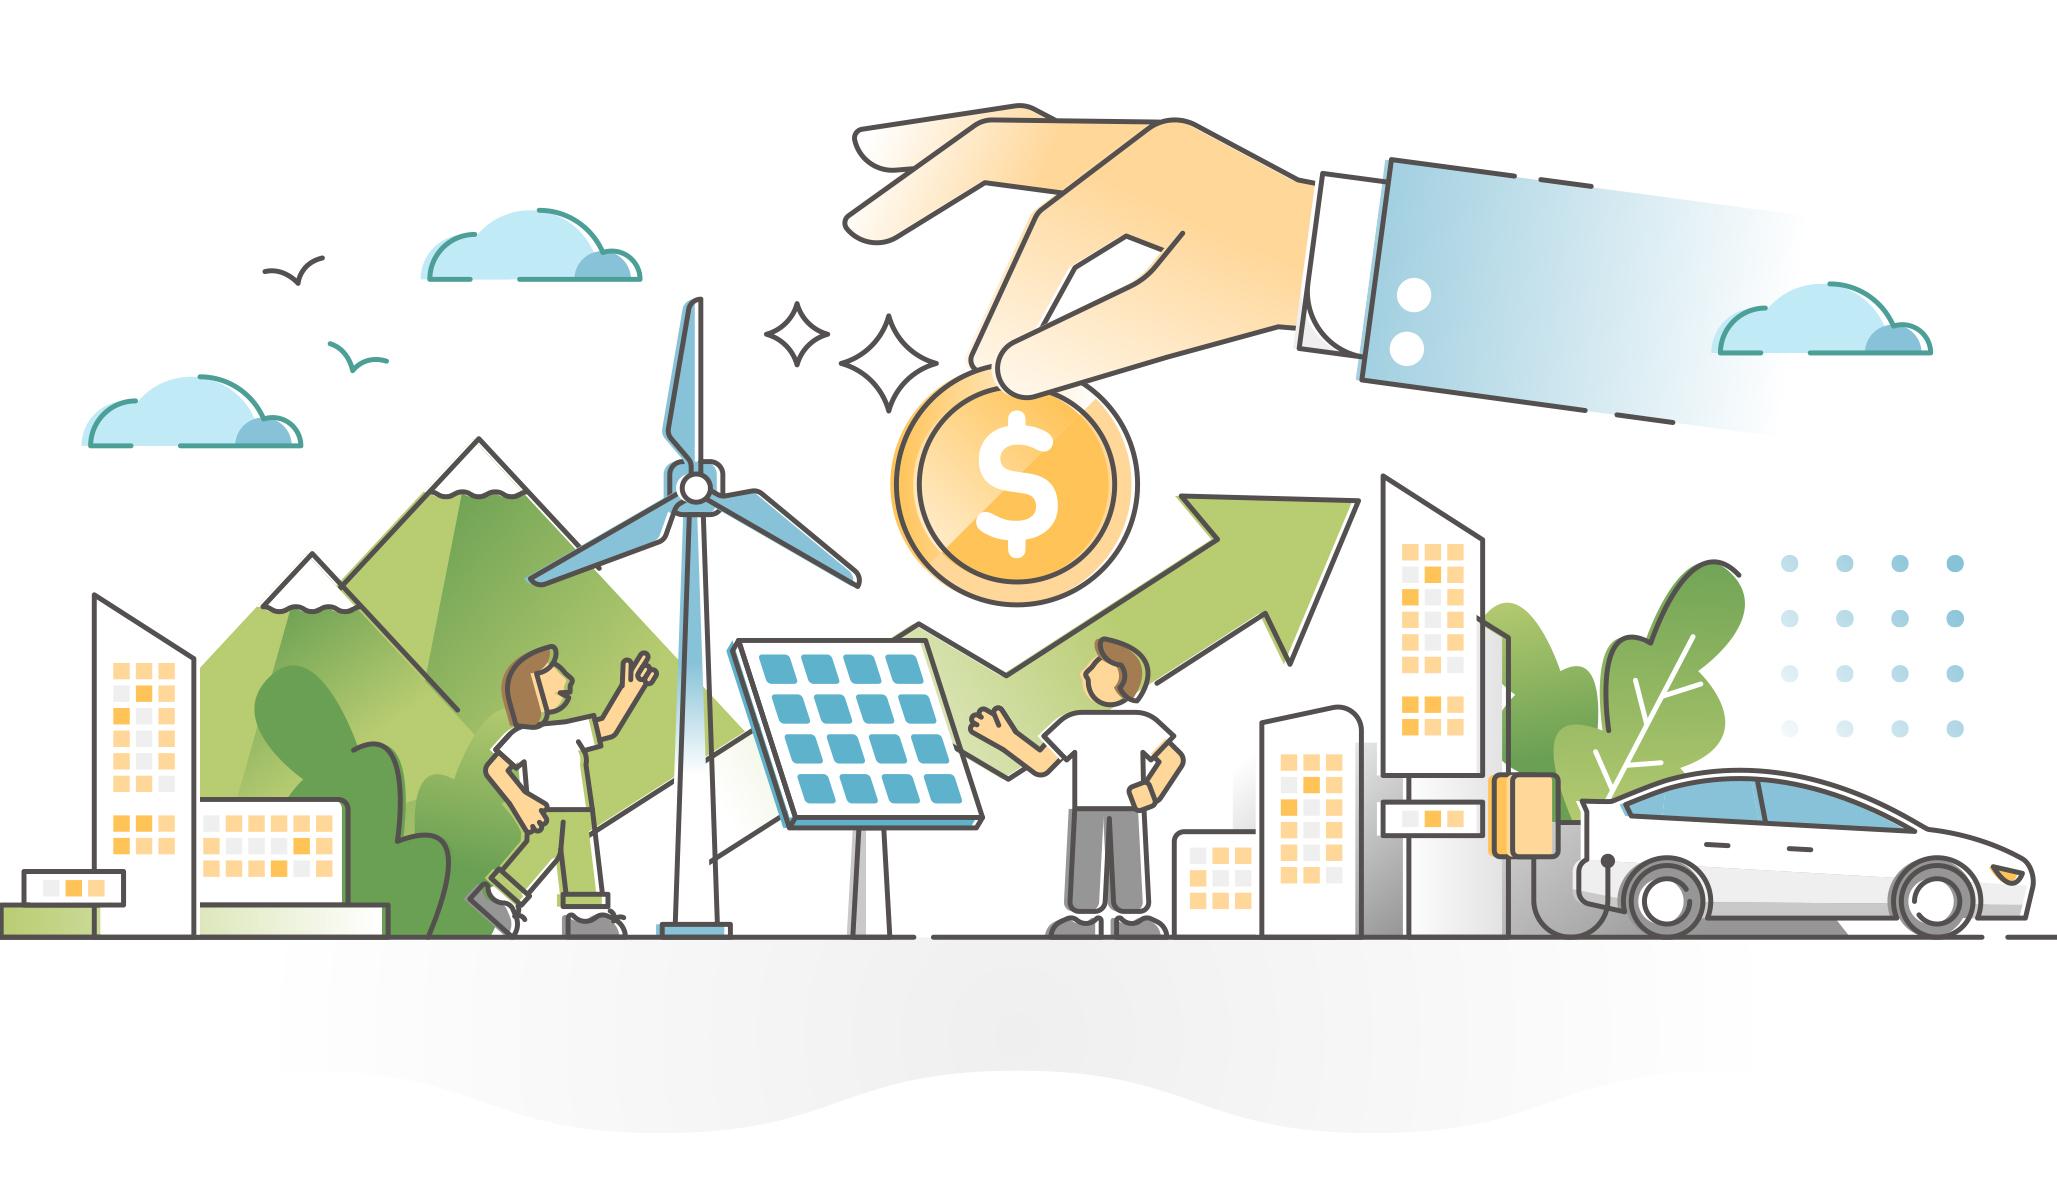 climateeconomics